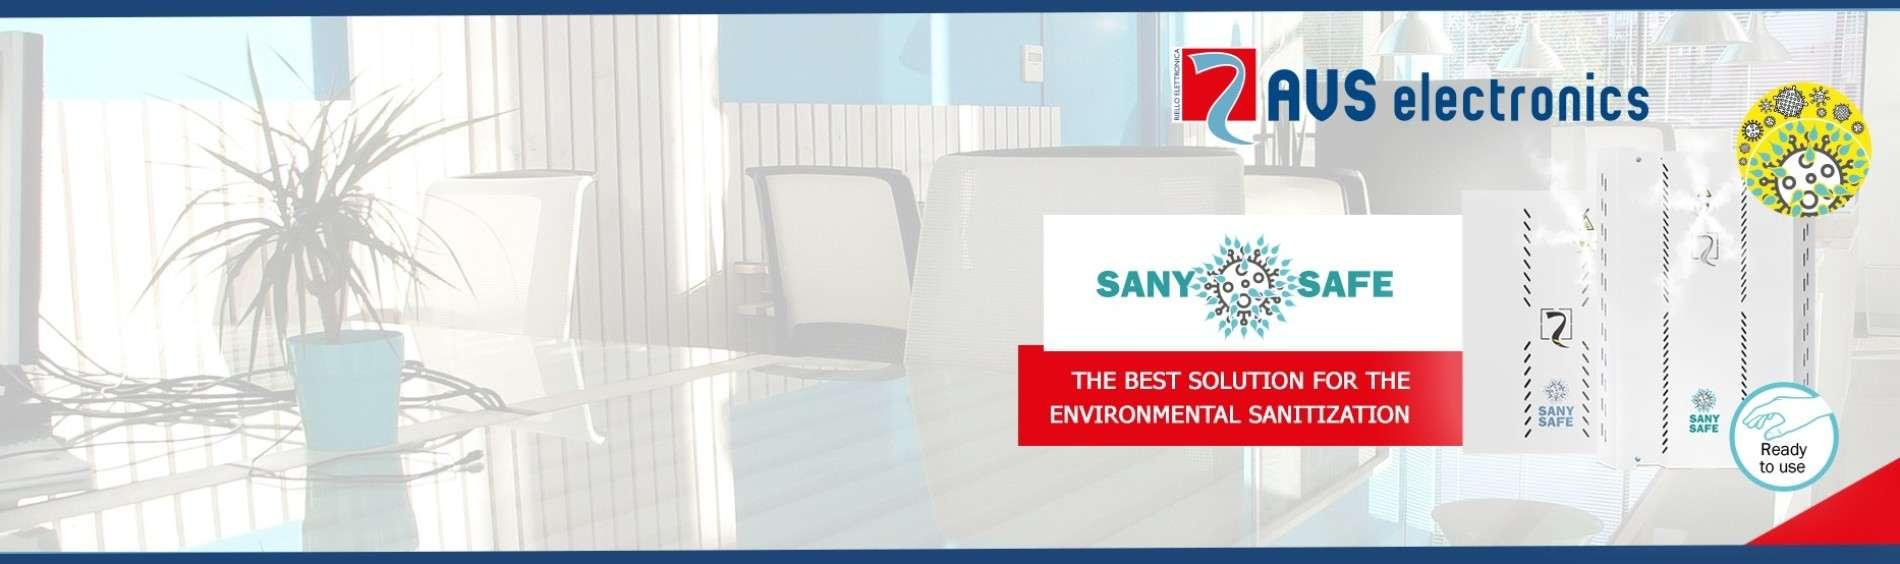 SANY SAFE: Desinfecteer uw omgeving